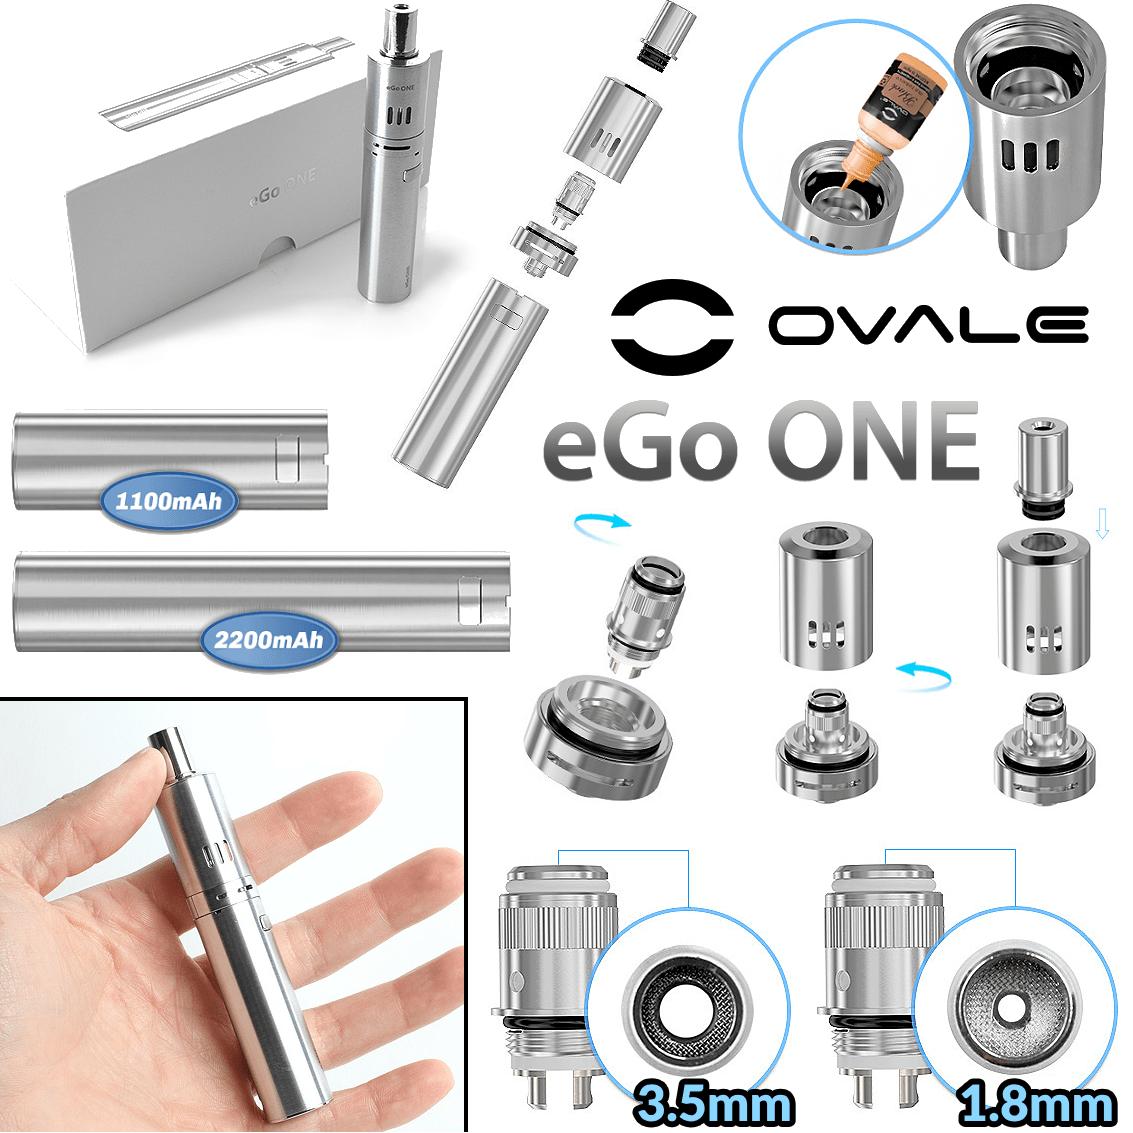 ΚΑΣΕΤΙΝΑ - OVALE eGo ONE 2200mA Silver ( ΜΟΝΗ ΚΑΣΕΤΙΝΑ)